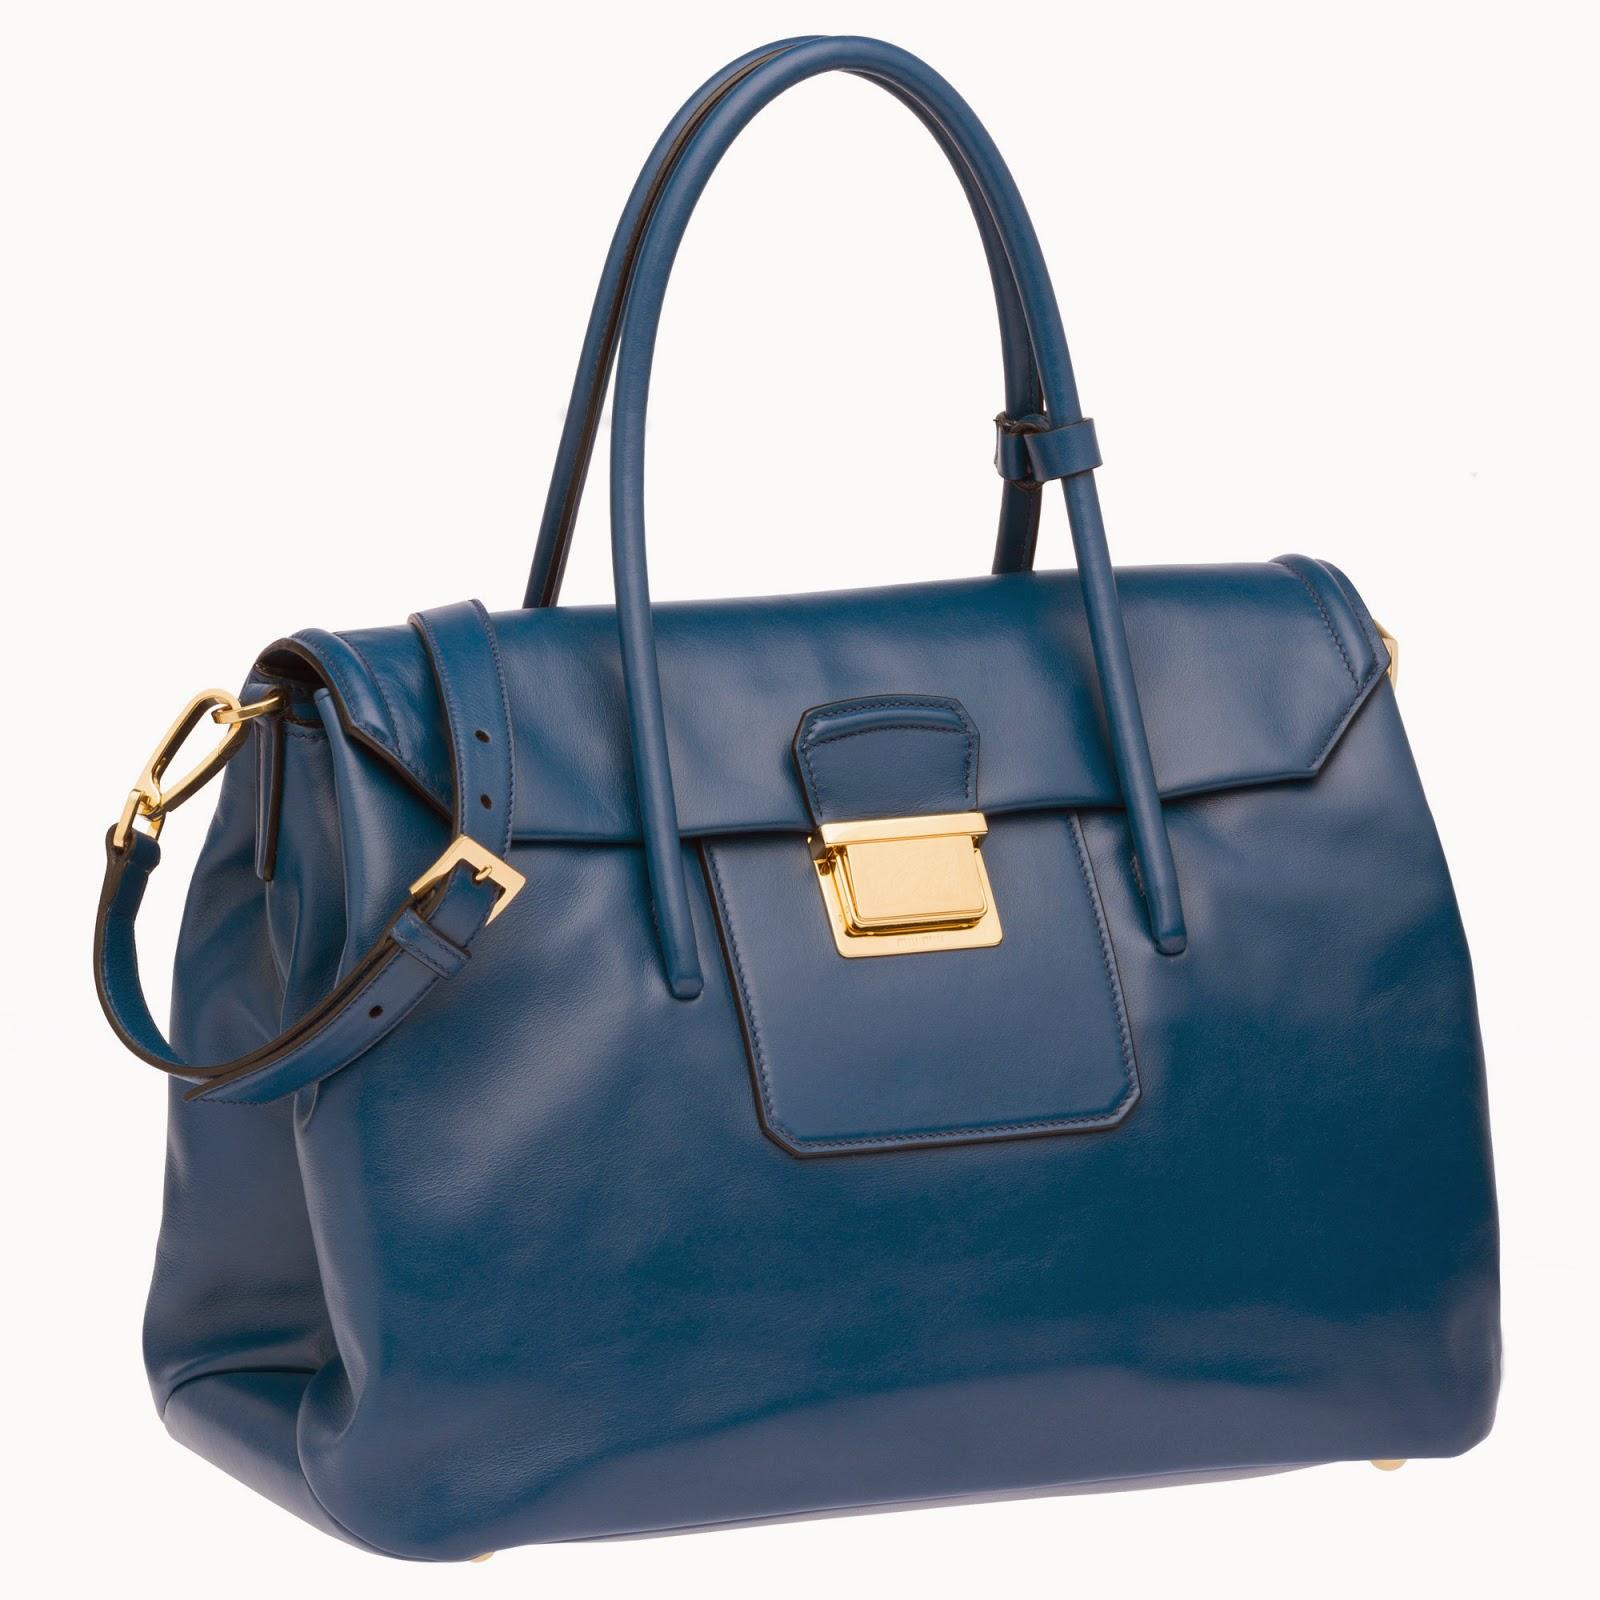 kol+%25C3%25A7antas%25C4%25B1+mavi Miu Miu Herbst Winter 2014 Handtaschen Modelle